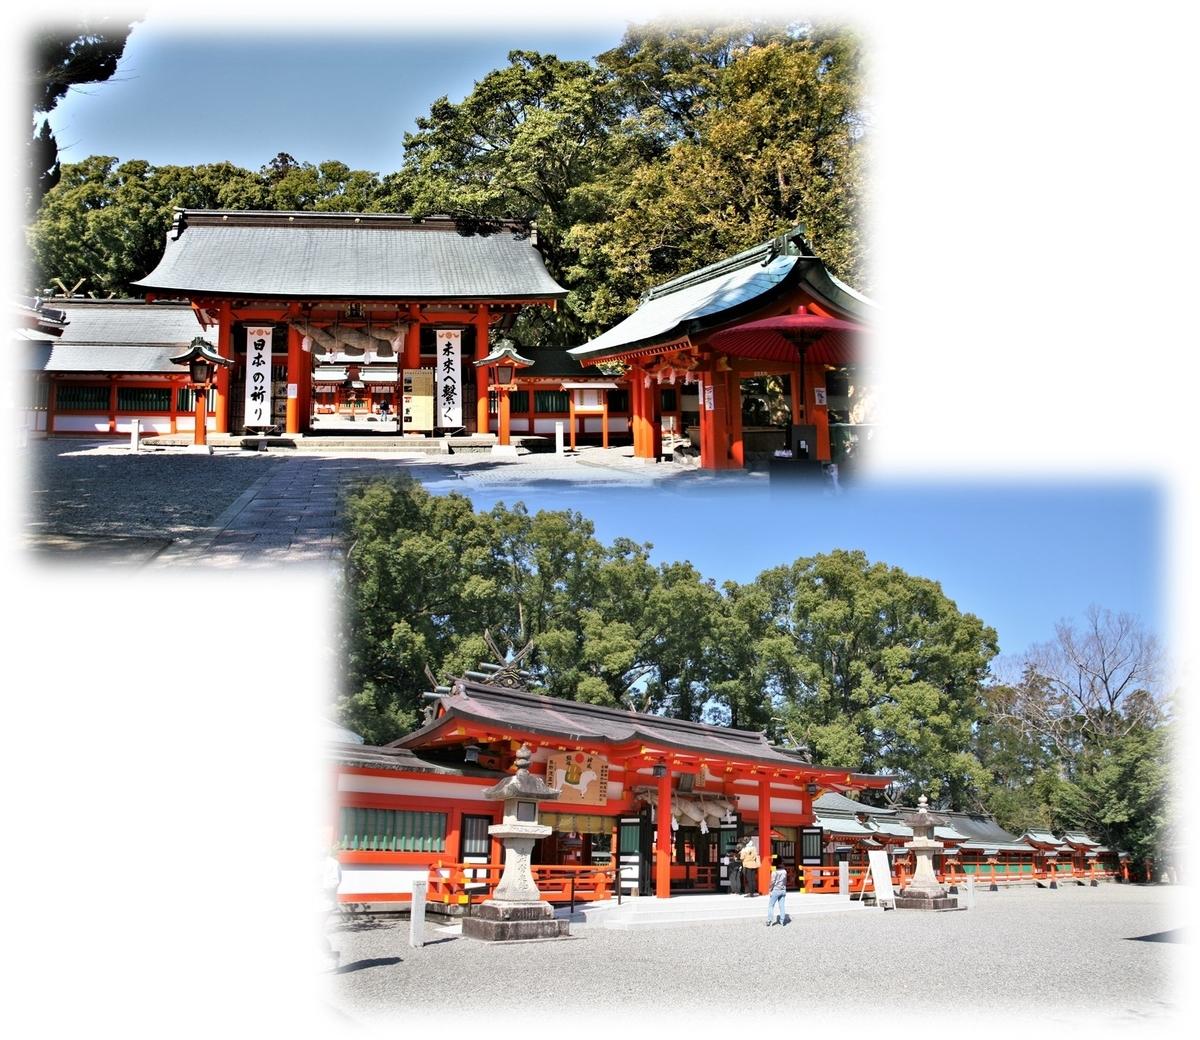 f:id:owari-nagoya55:20210224154857j:plain